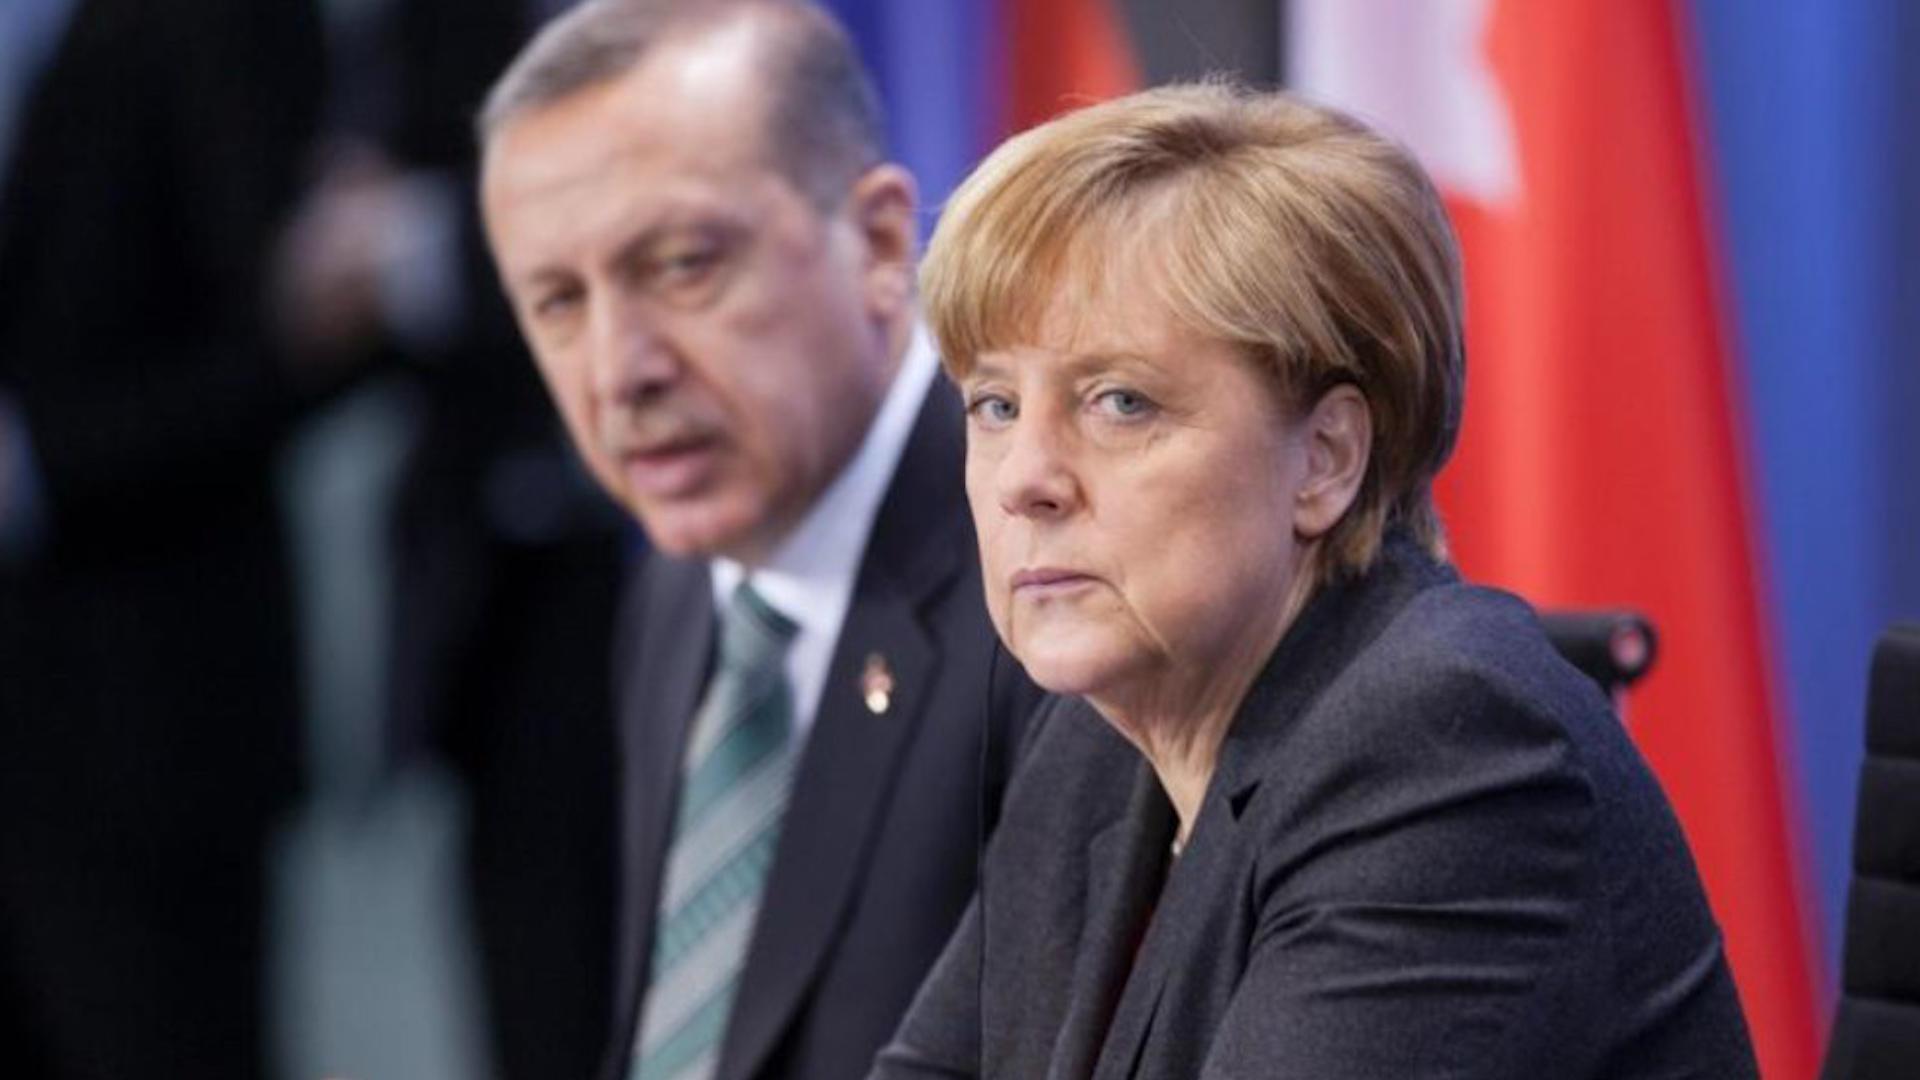 Photo of Merkel wê ji Erdogan daxwaze 'hûrmeta li hiqûqê' bike